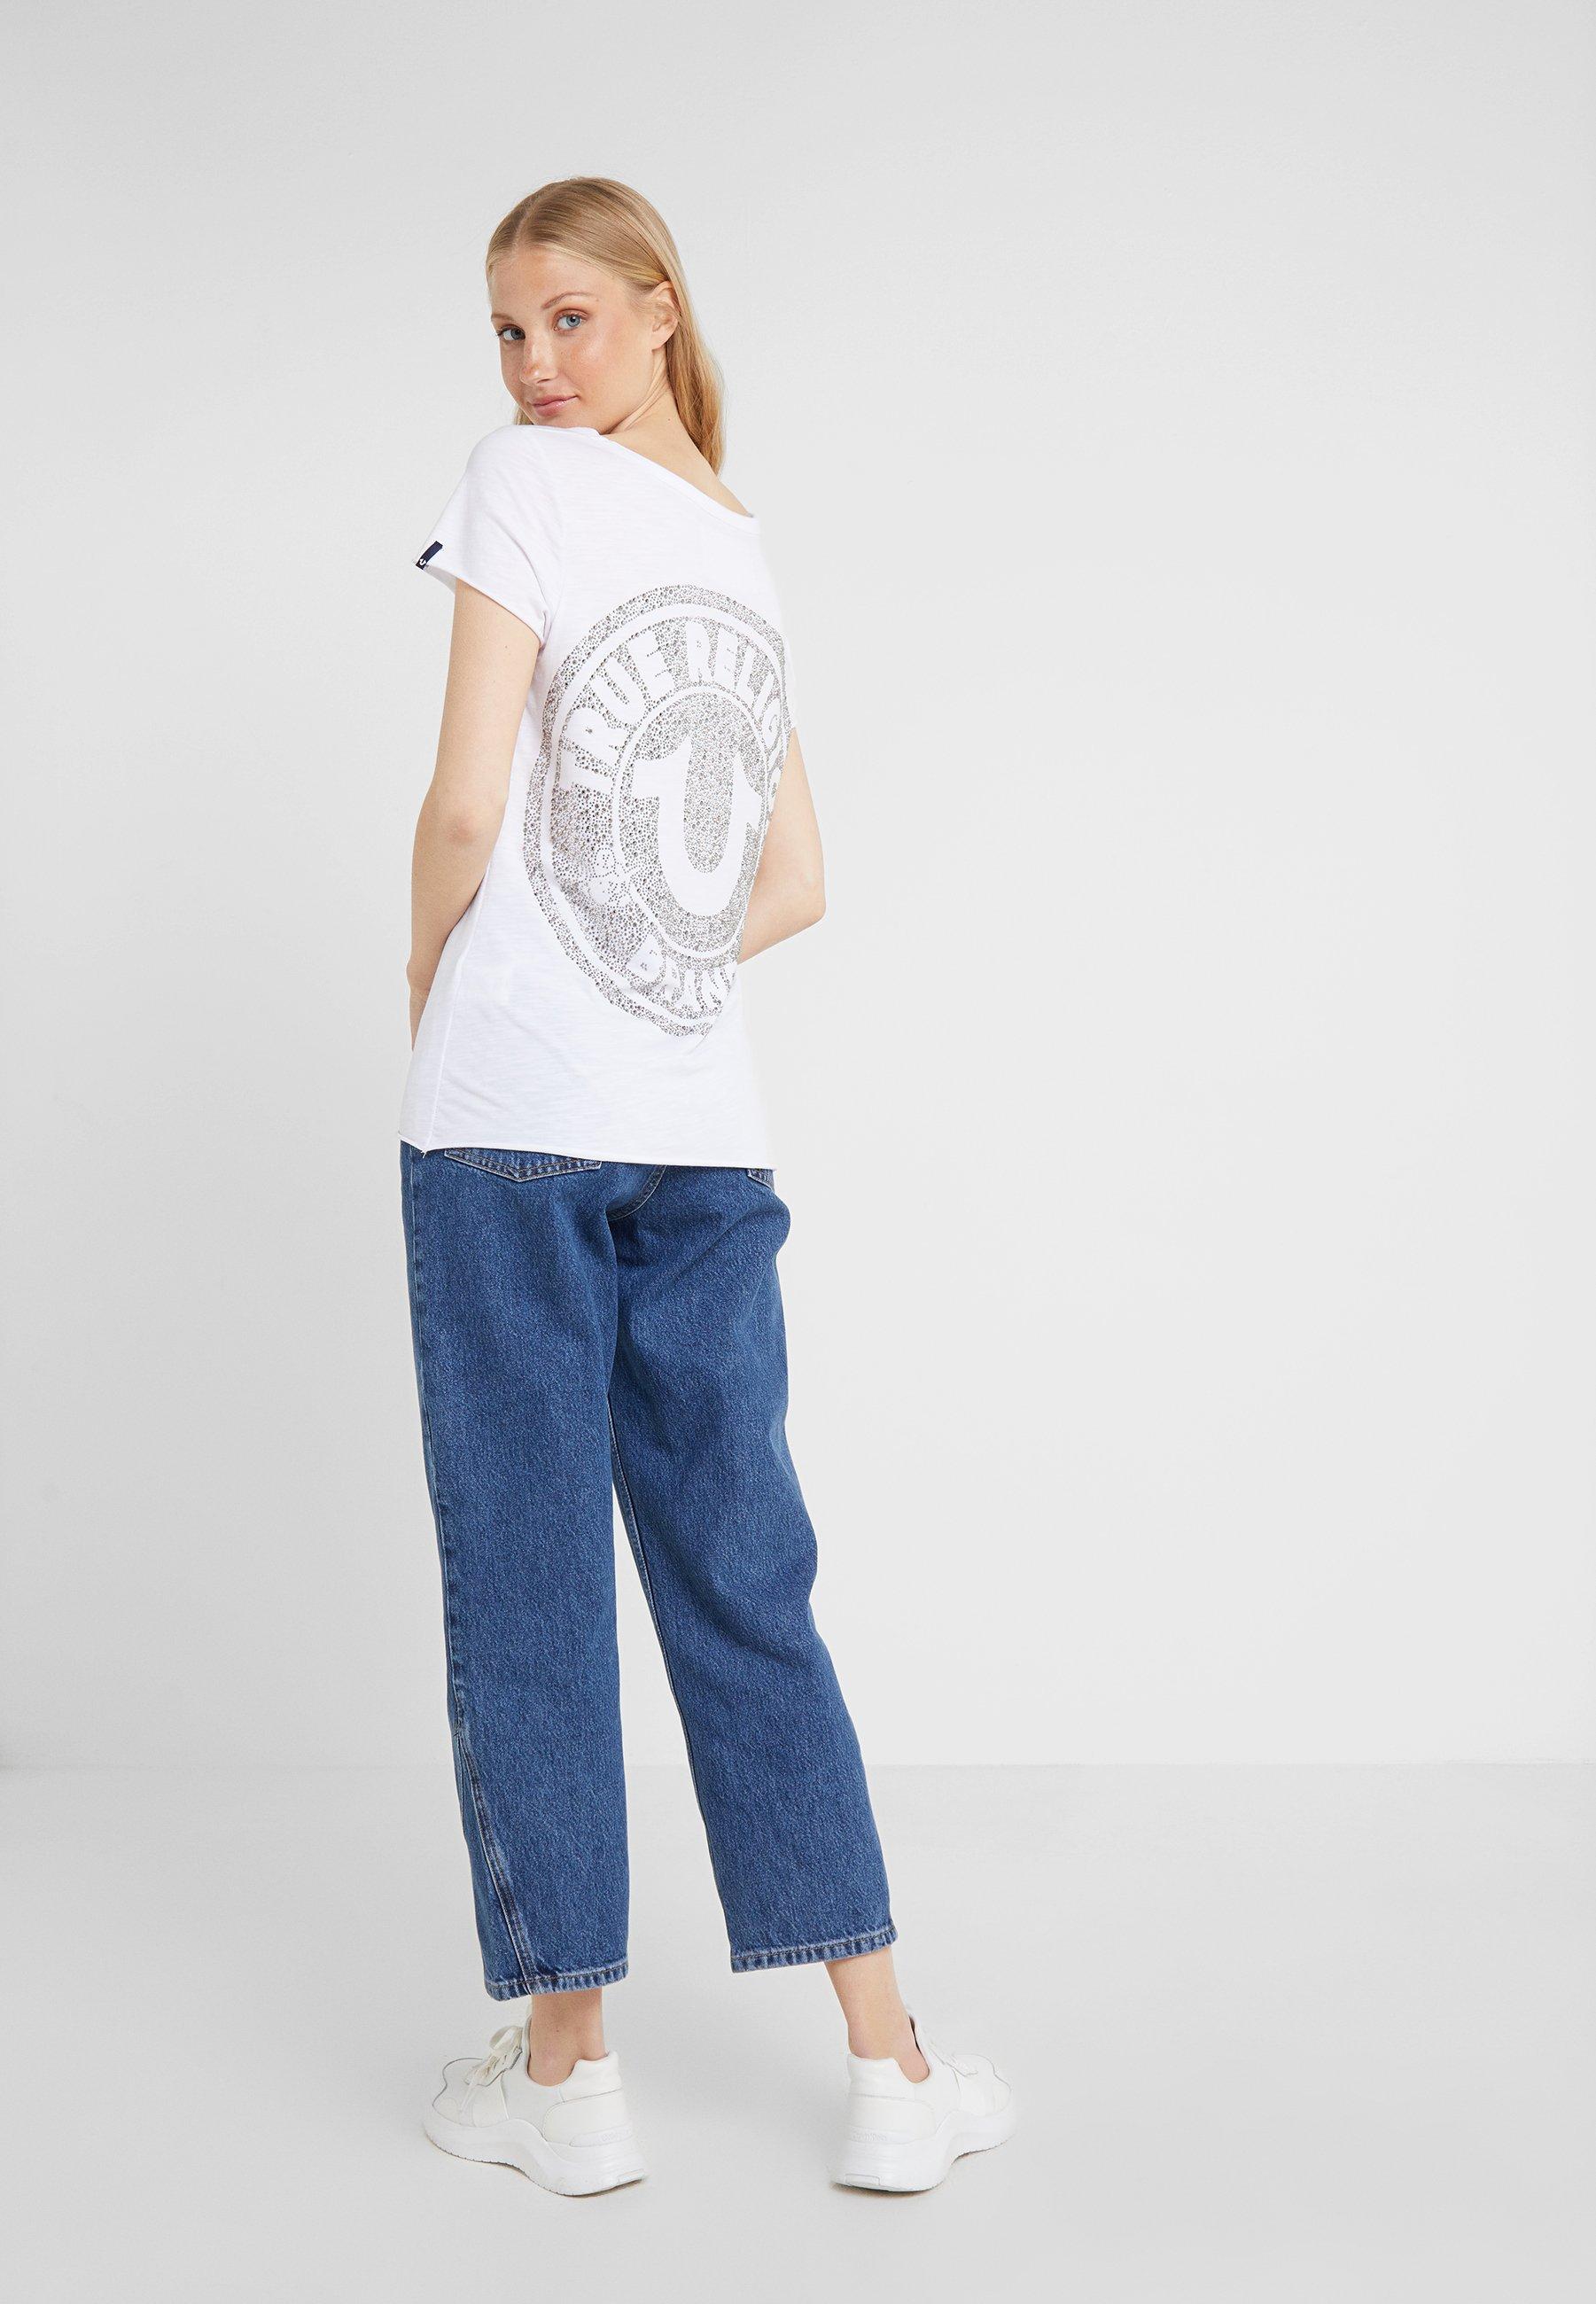 Religion True shirt Imprimé White CrewT hdrtsQCx